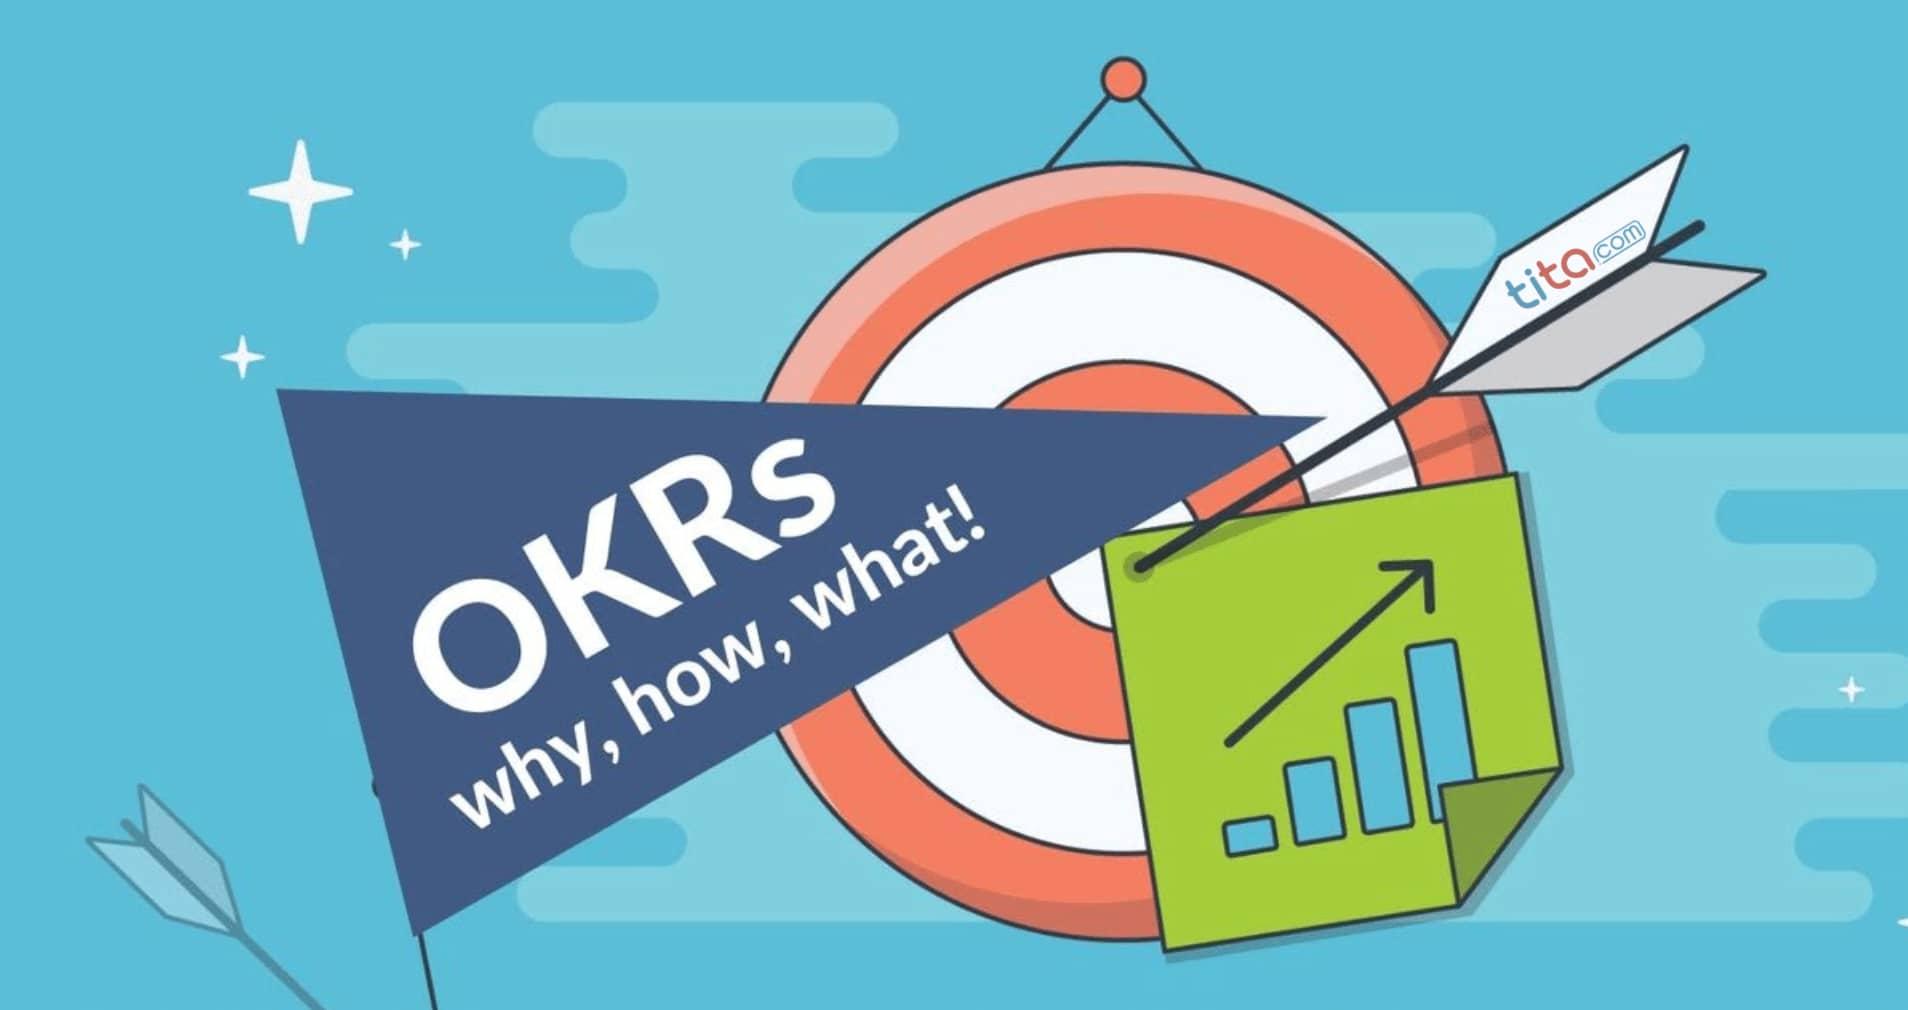 来自不同行业的优秀 OKR 的案例展示